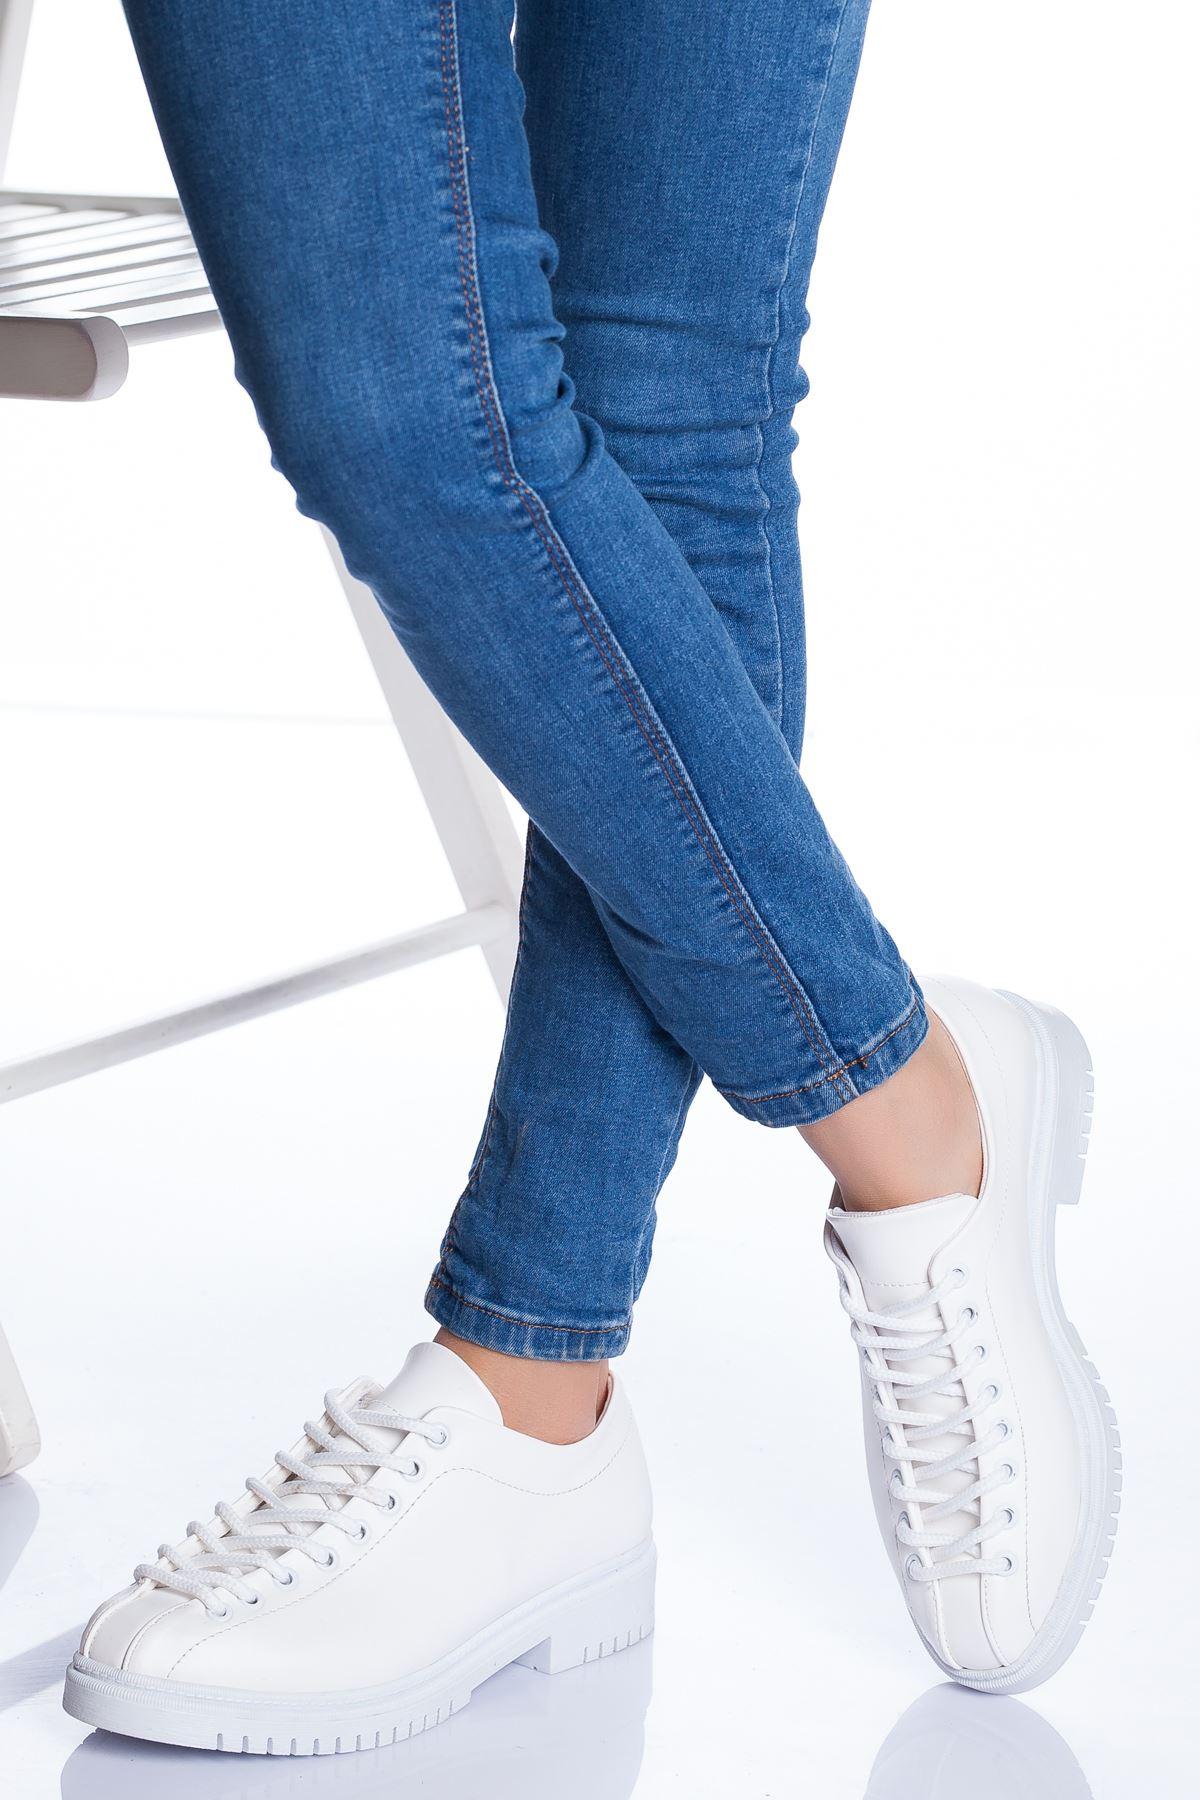 Tamara Ayakkabı BEYAZ CİLT